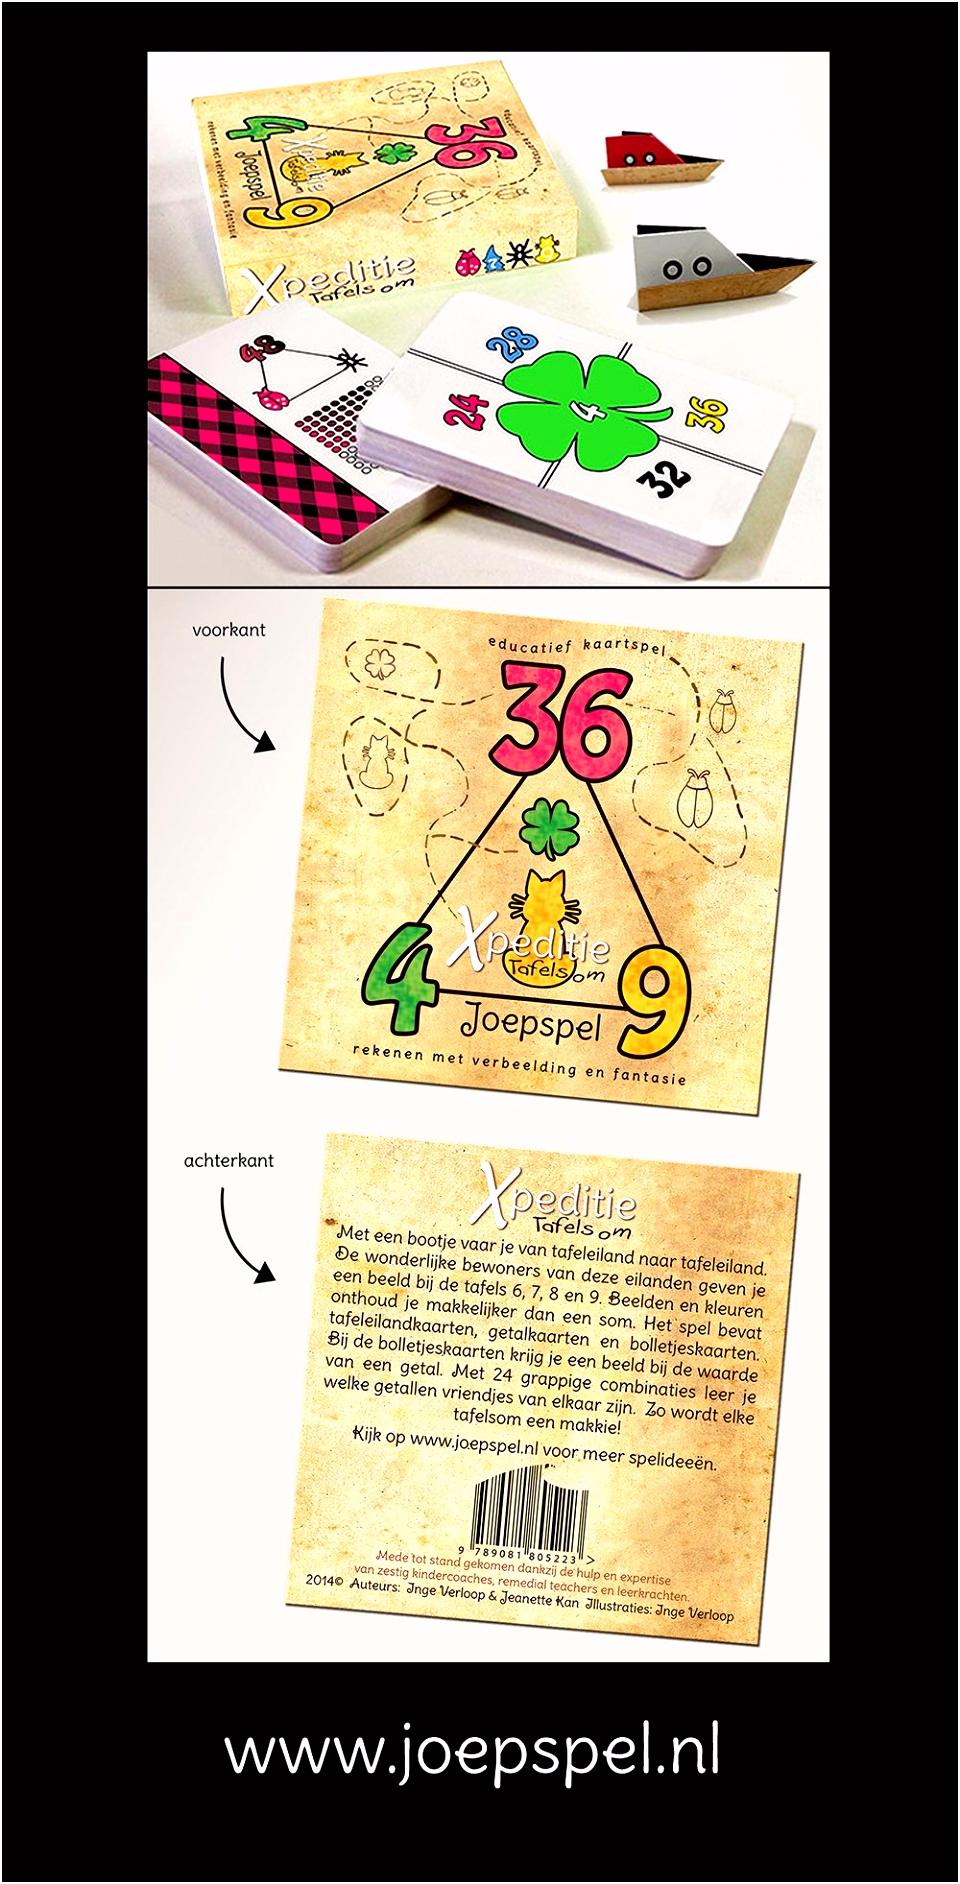 Xpeditie tafelsom is een kaartspel waarmee kinderen op een leuke